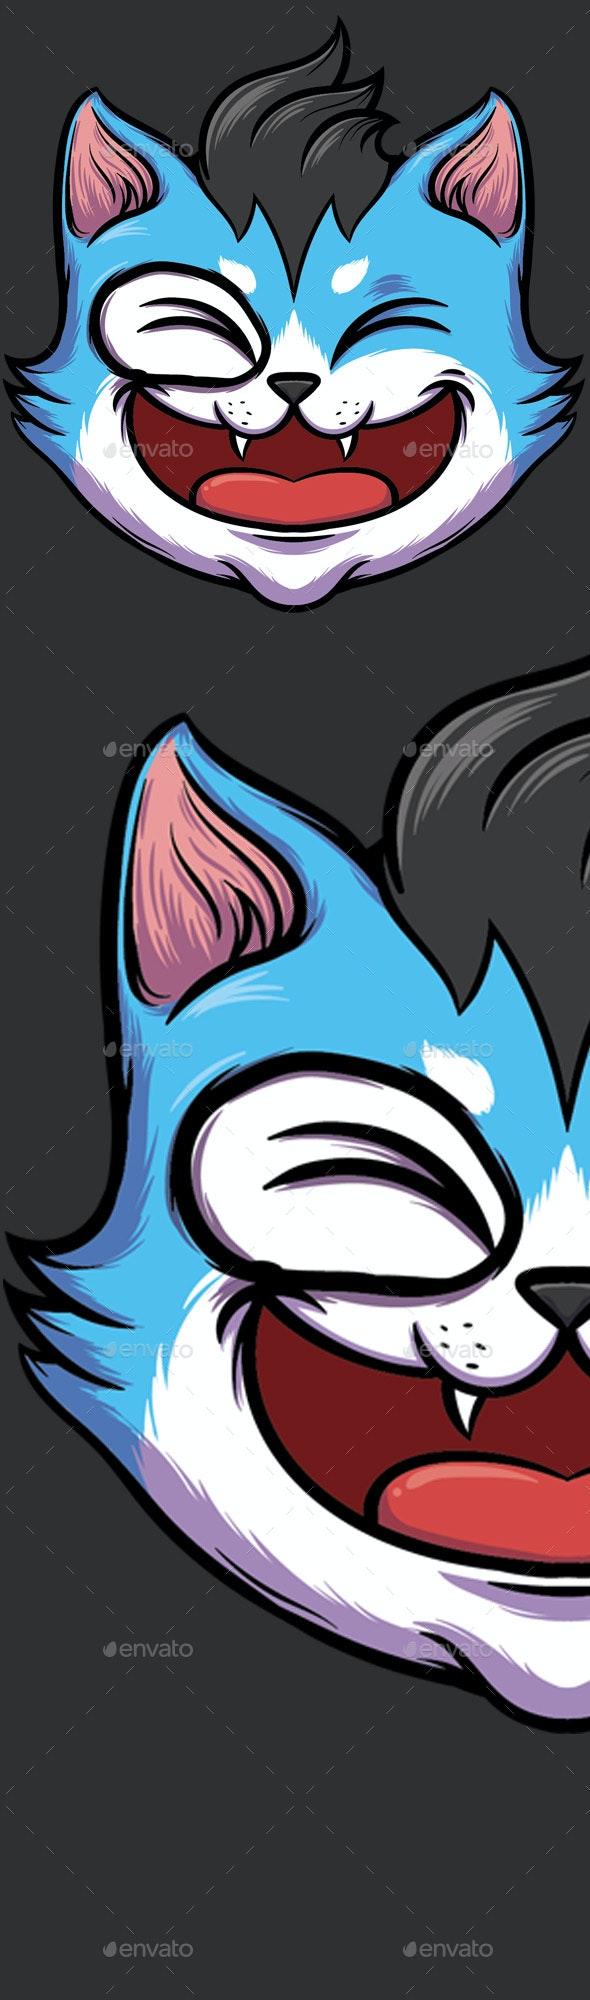 Vector Cat Emblem - Animals Characters